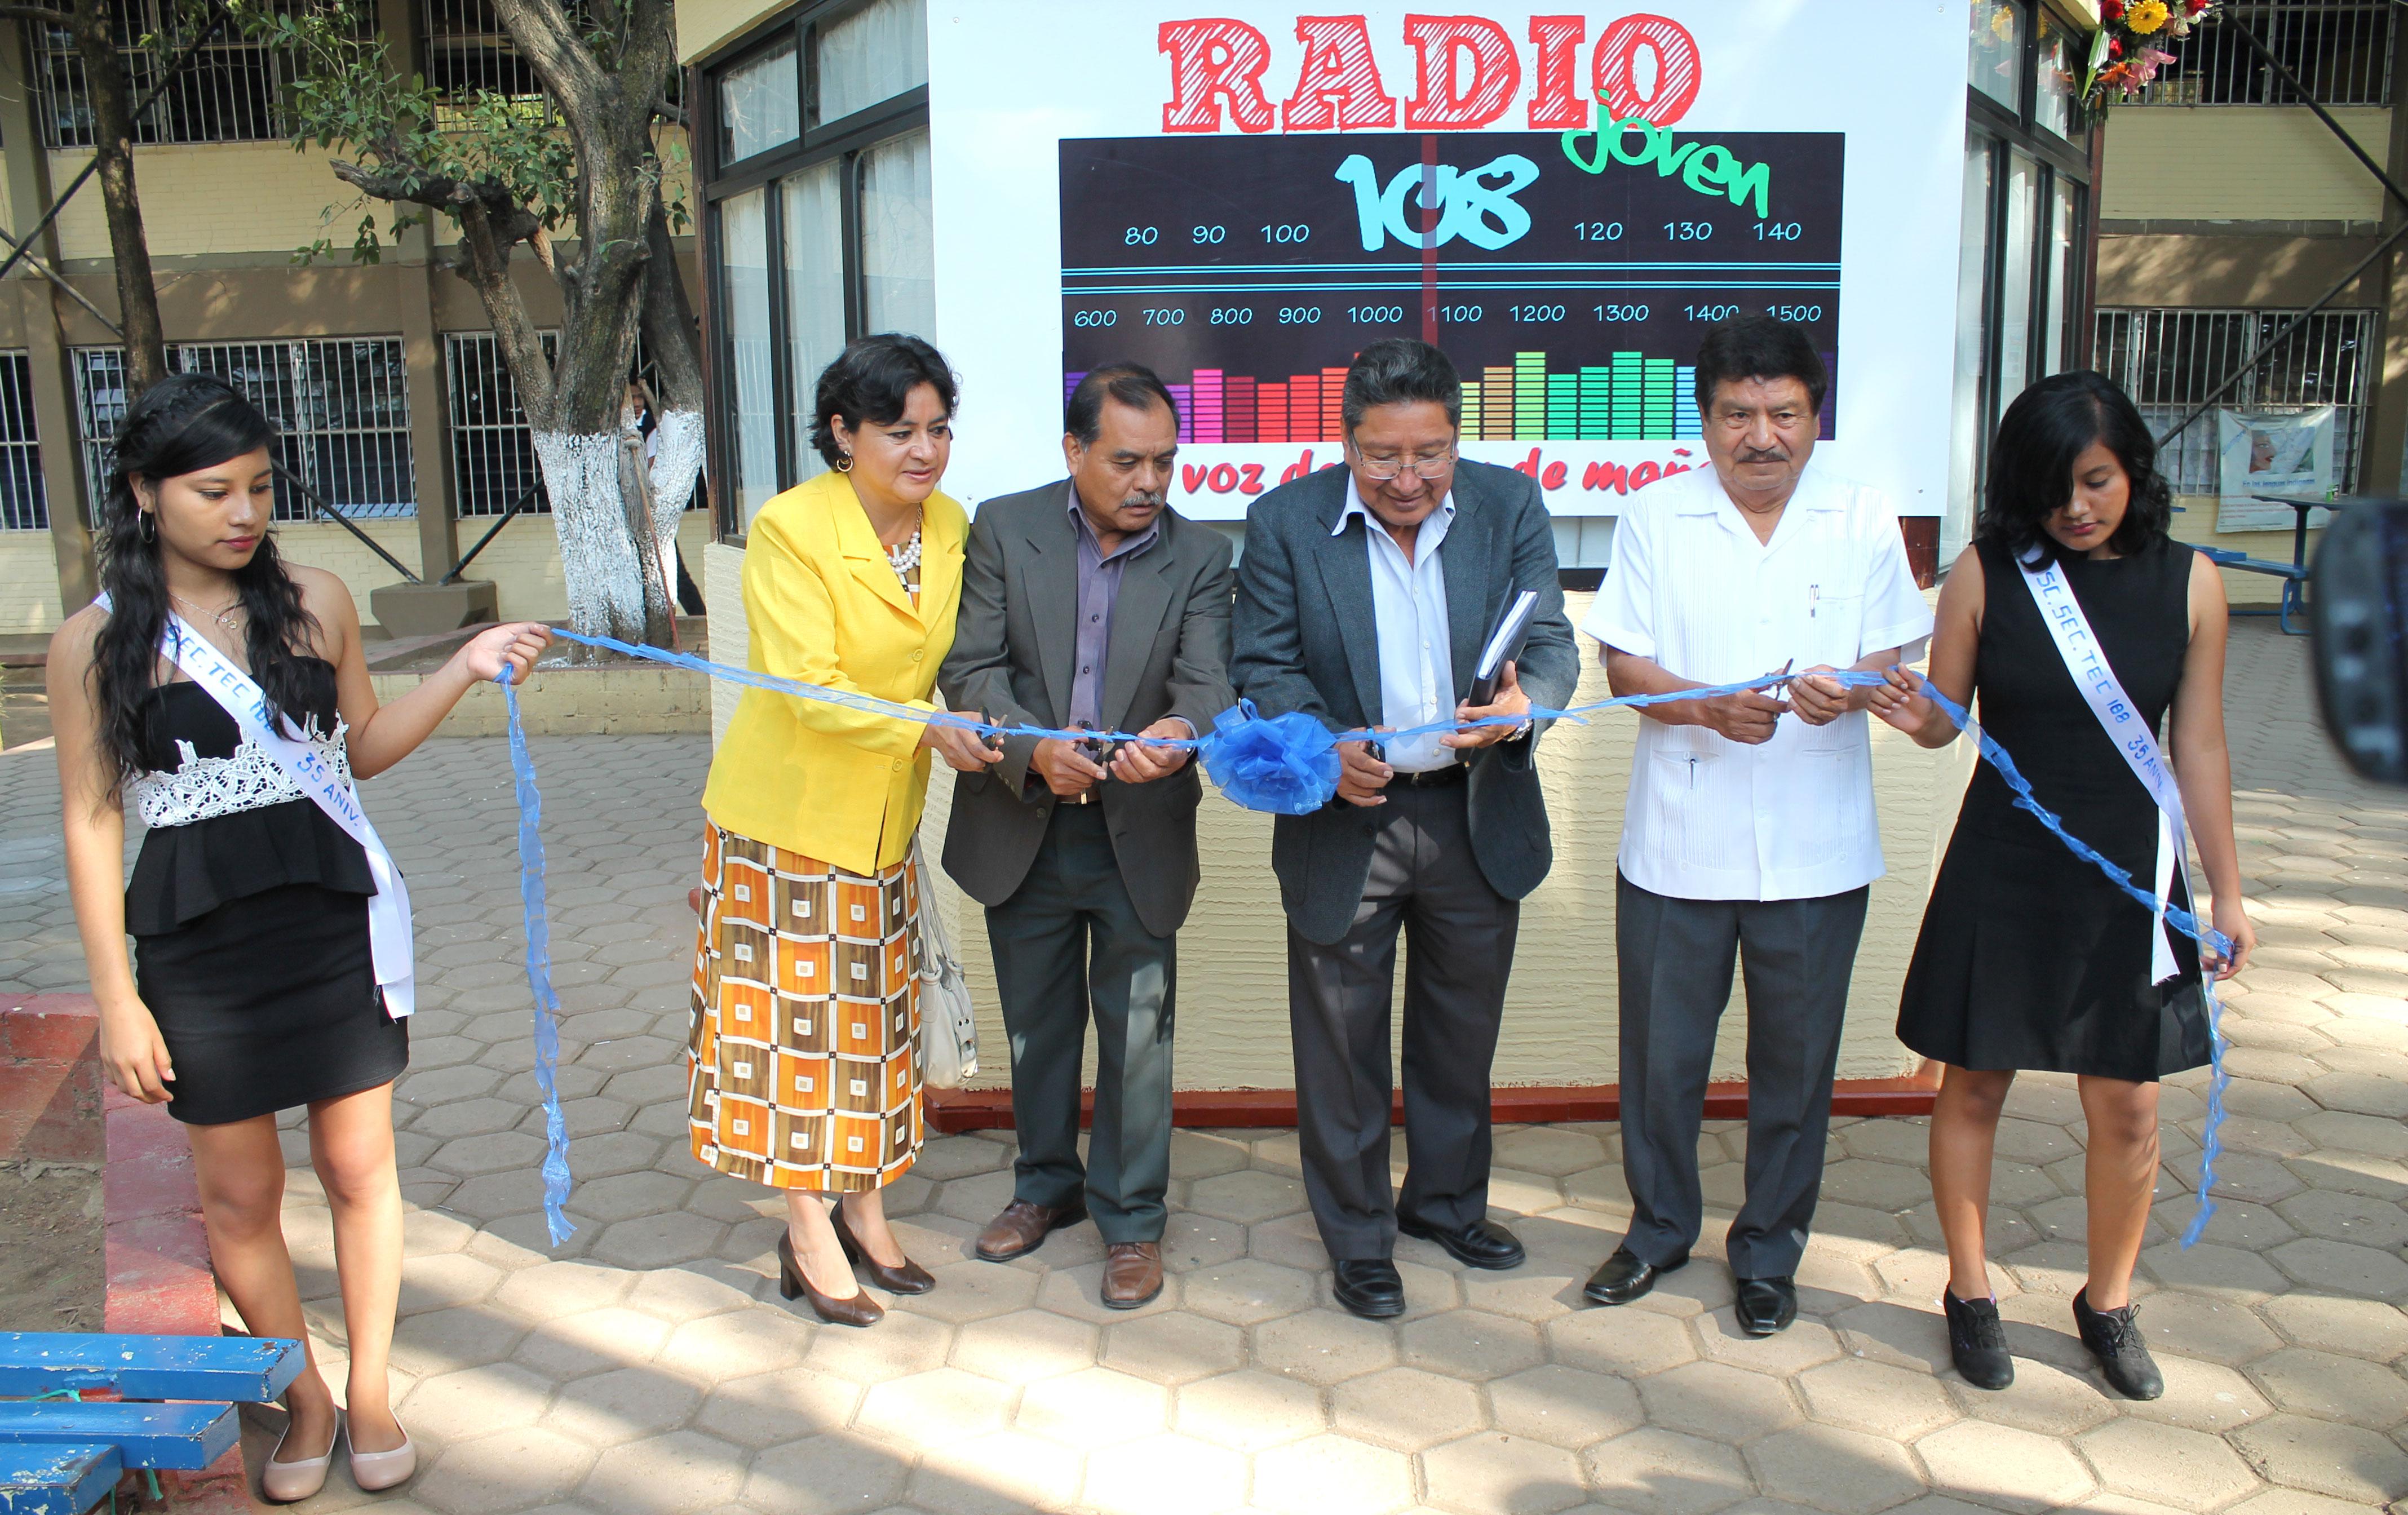 """Inauguración de """"Radio Joven 108"""" en la Escuela Secundaria Técnica 108 de la Col. del Maestro."""